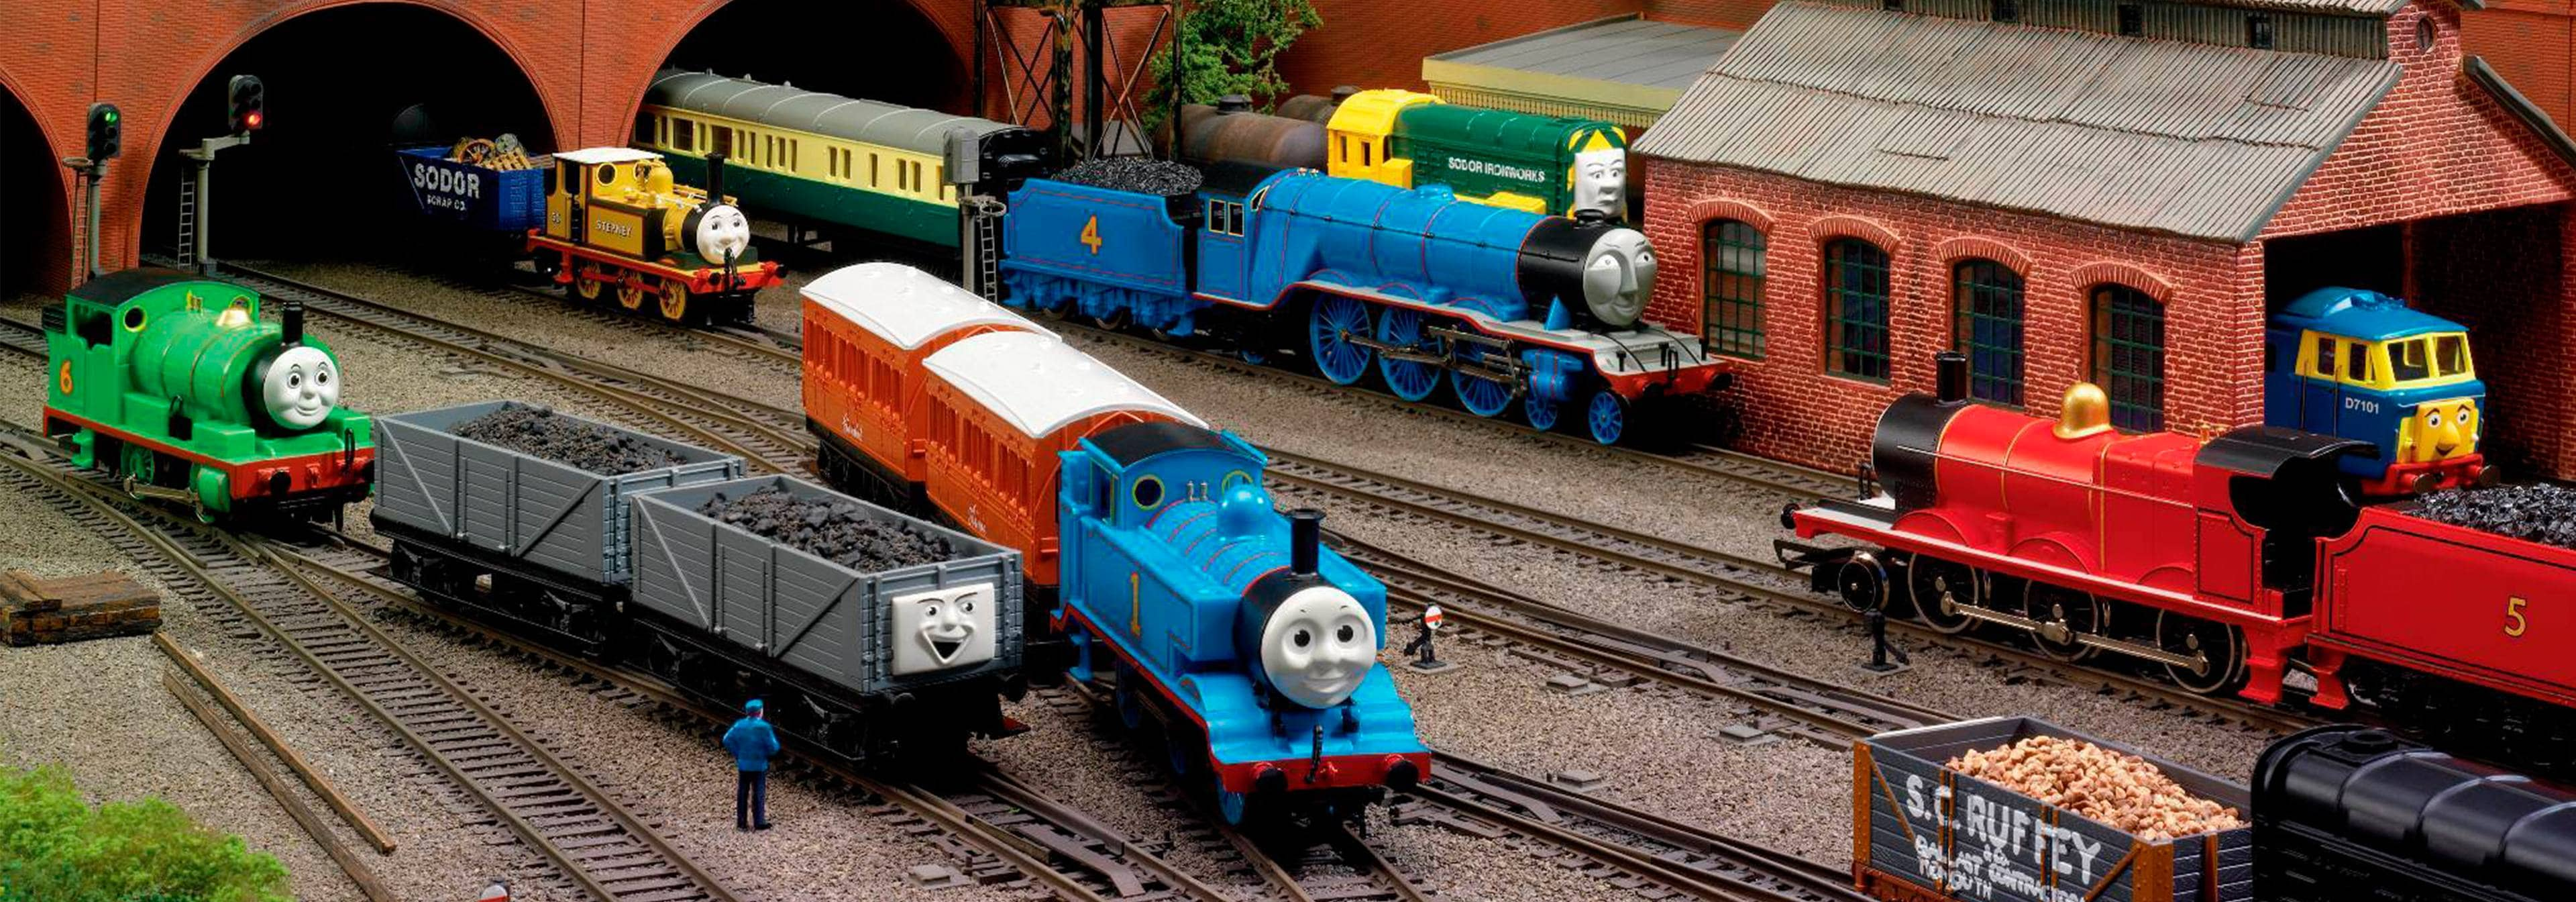 Томас и его друзья Гараж для Эдварда